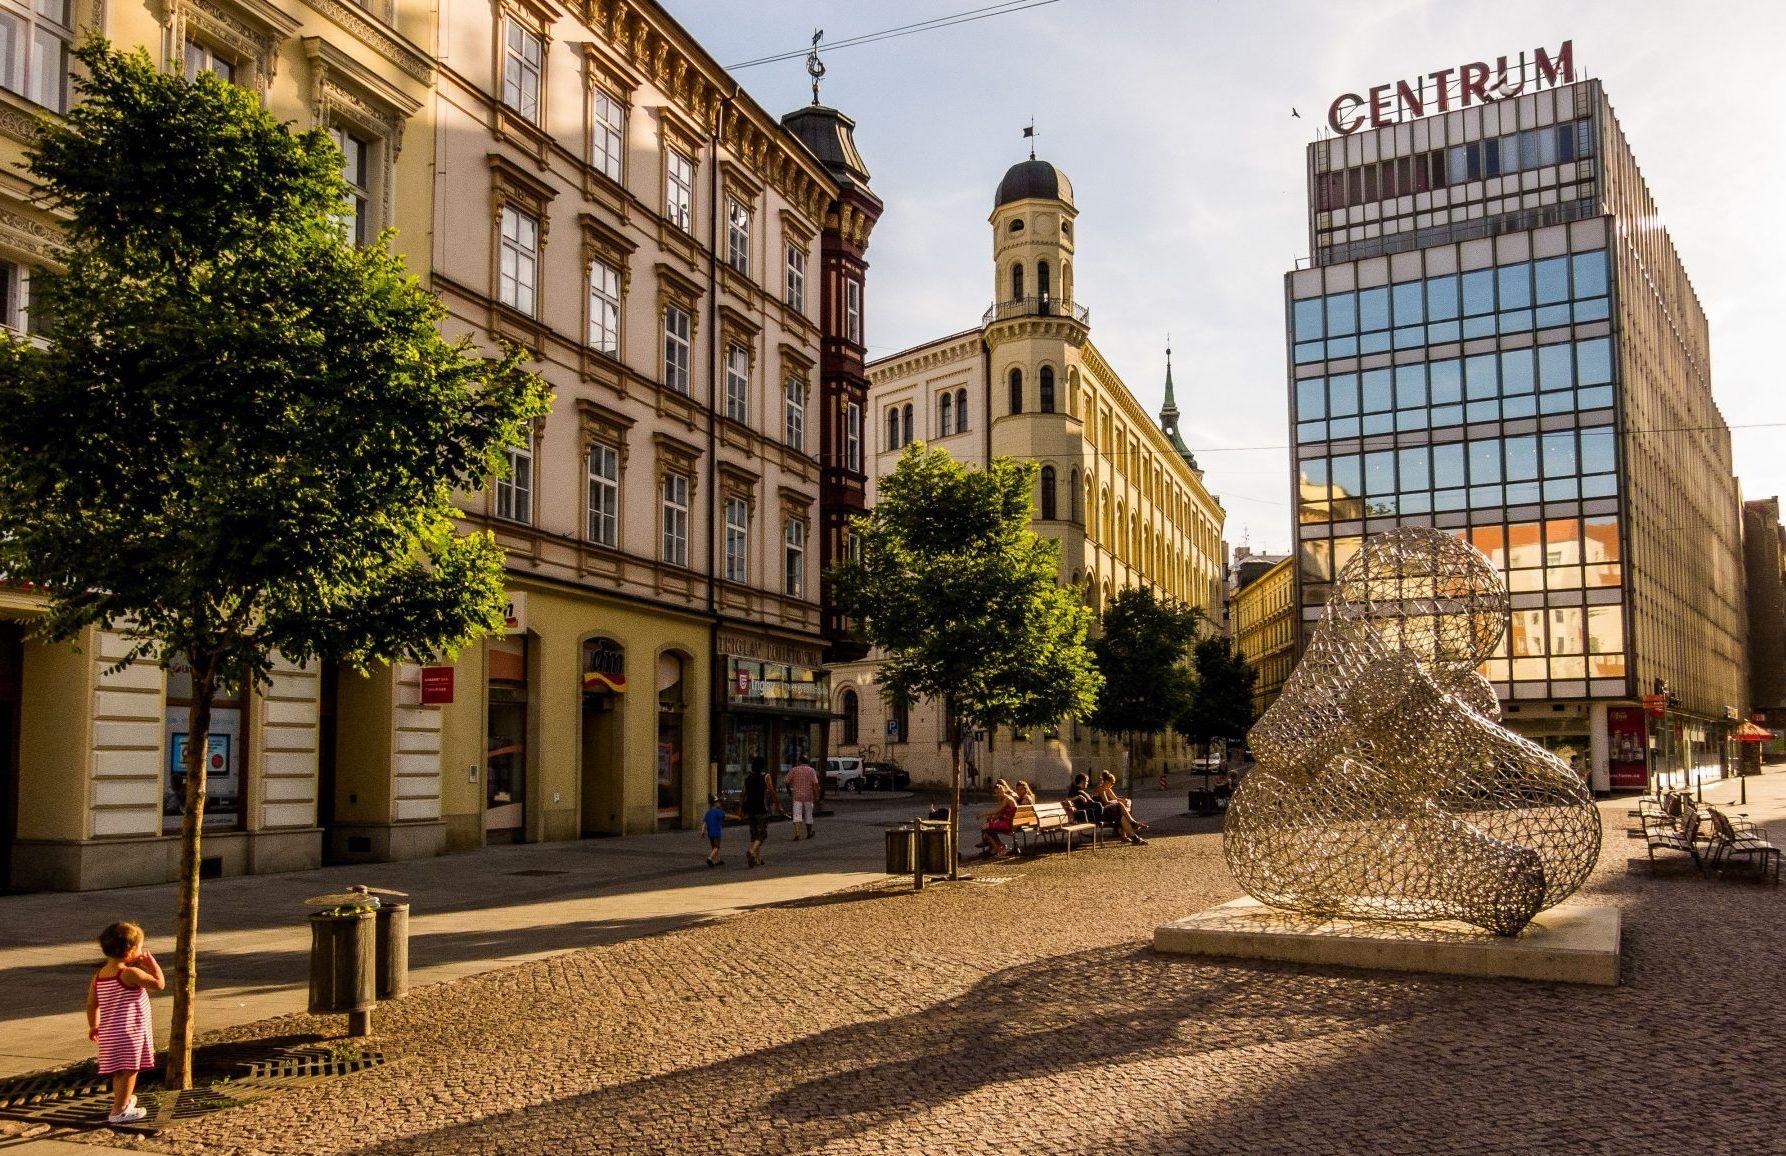 Obchodní dům Centrum v Brně